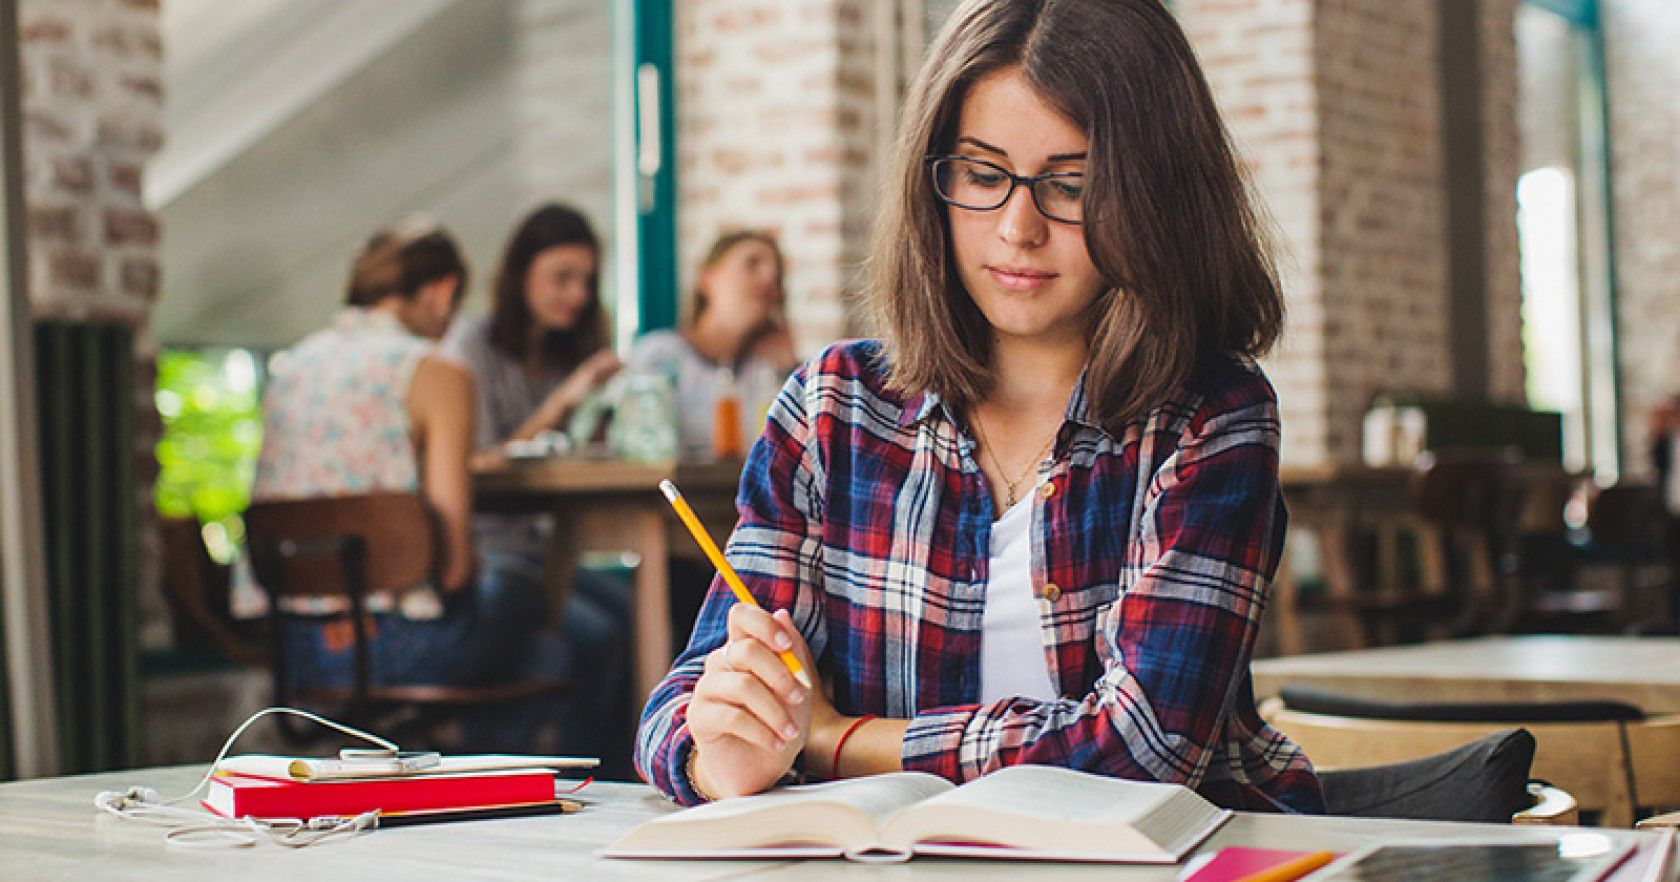 Amerika'da eğitim alırken konaklama tipleri nelerdir?